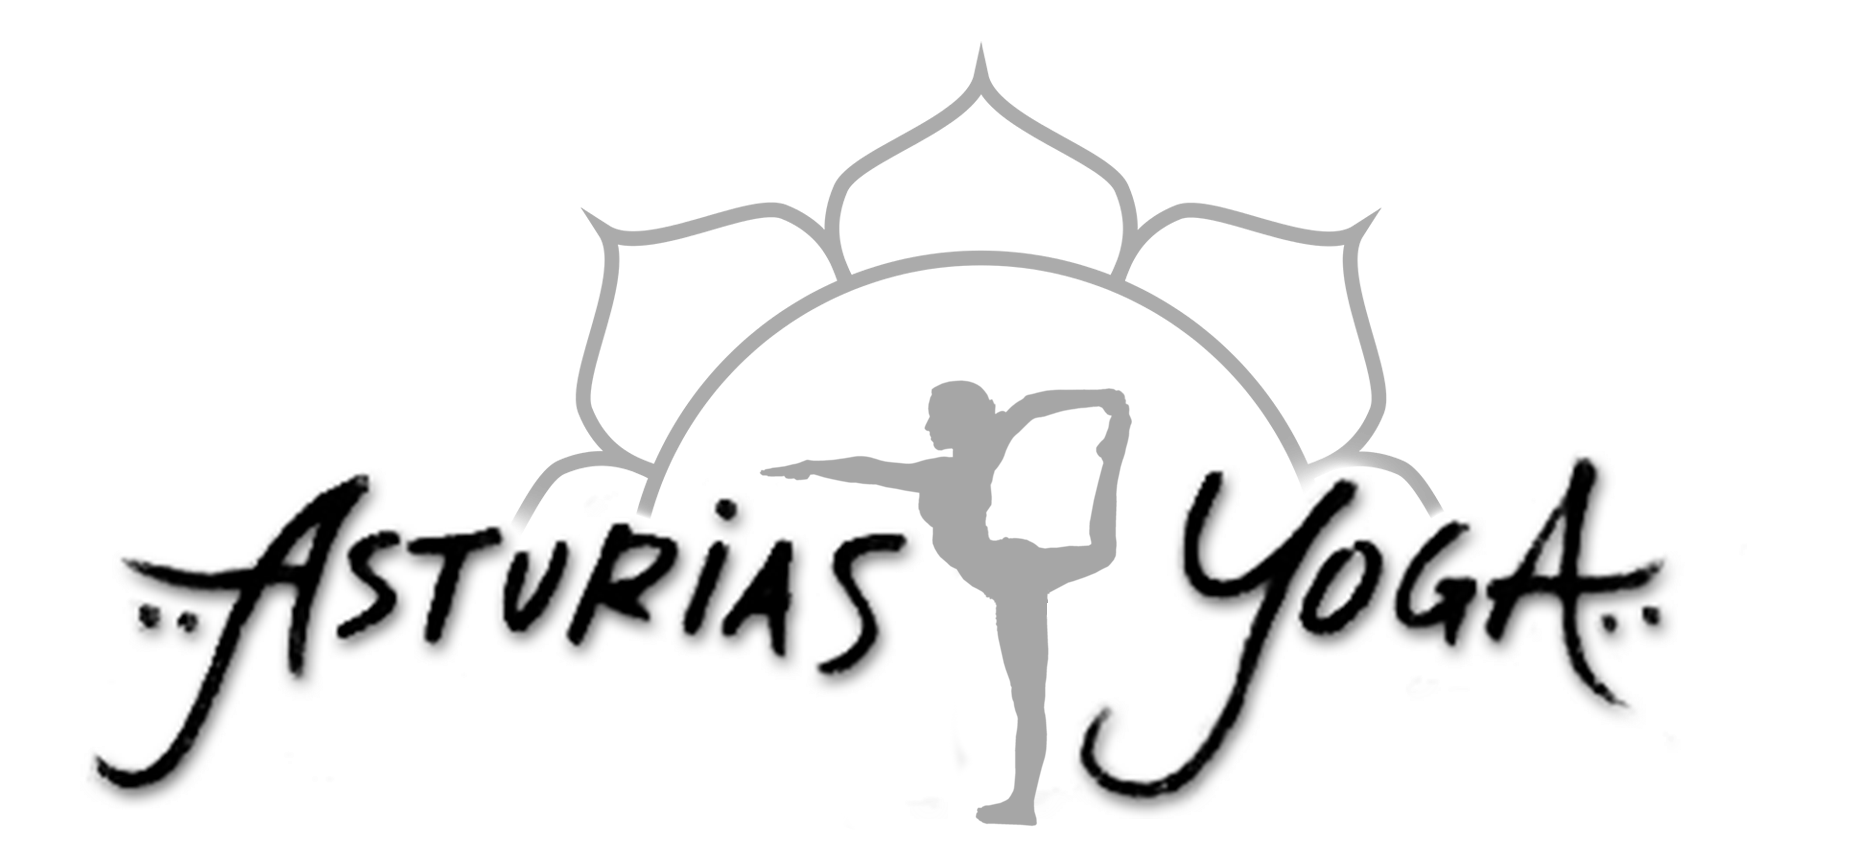 Ashtanga Intermediate Series Asturias Yoga